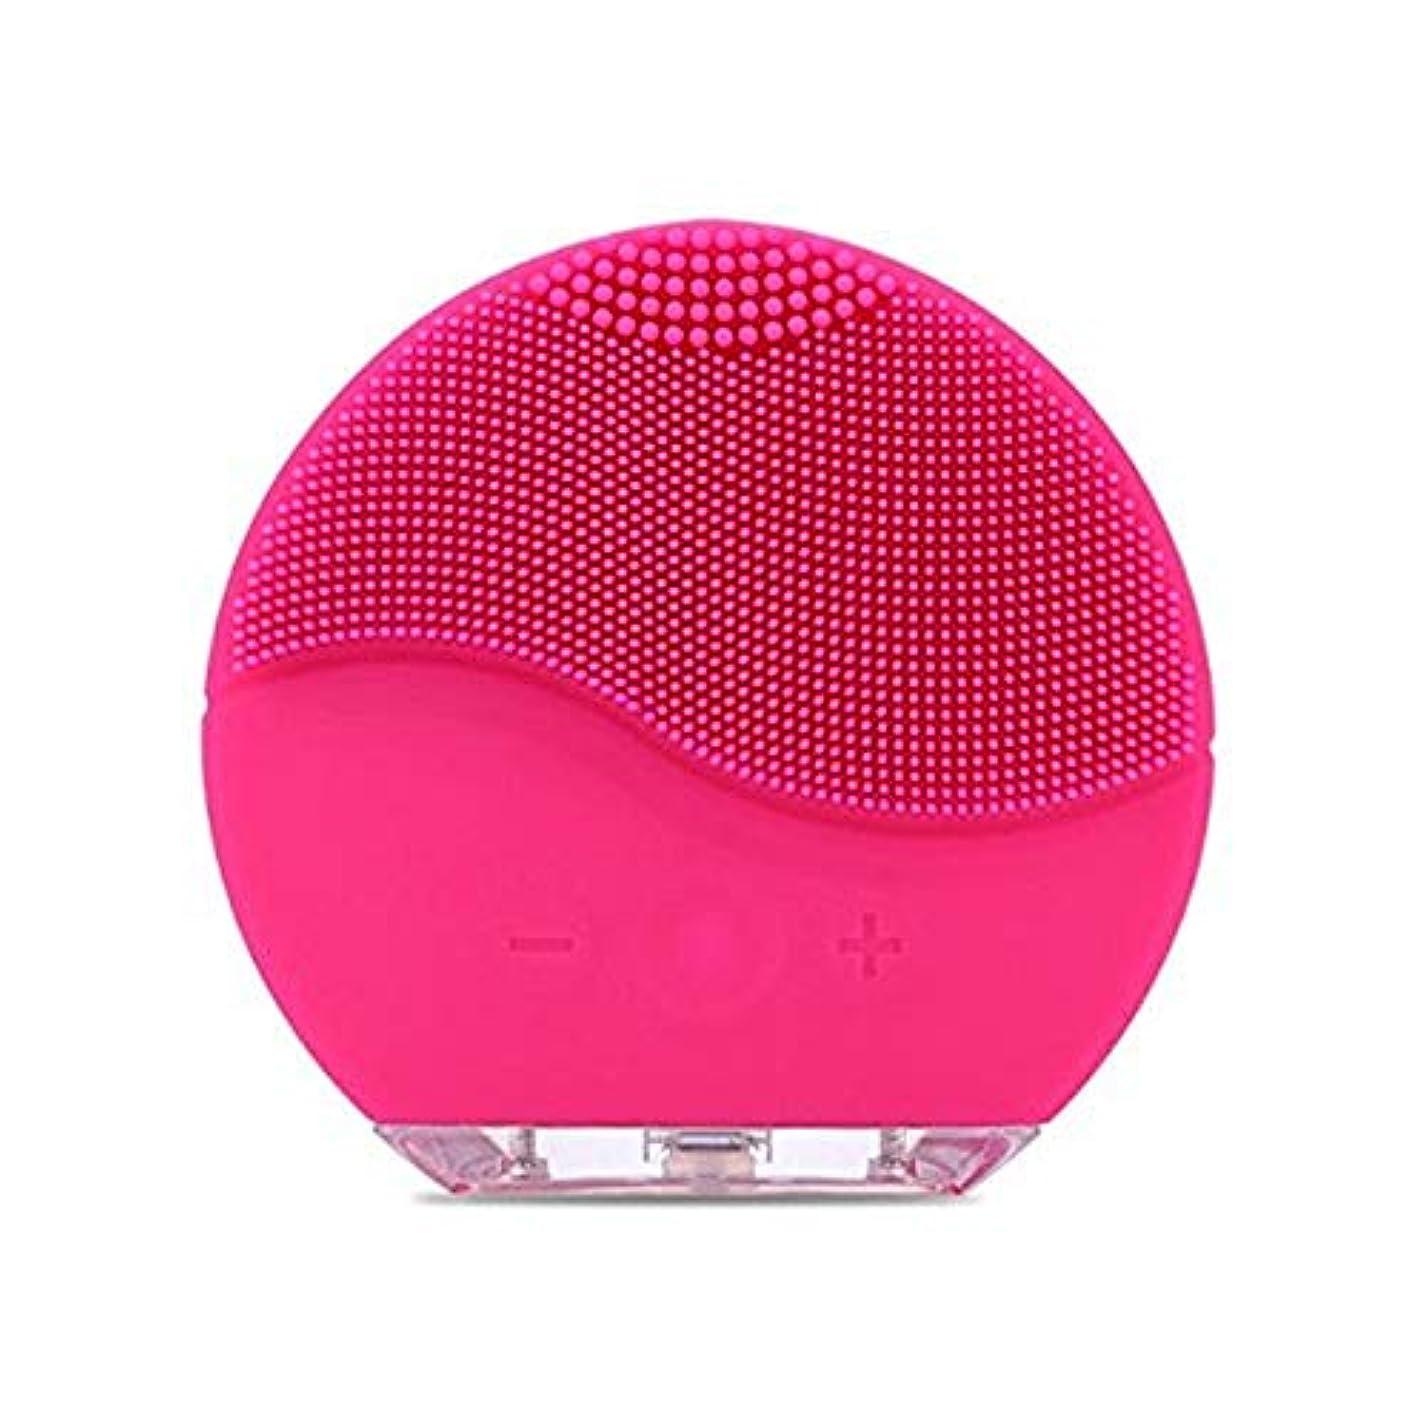 尊敬平和な水っぽいSimg 電動 洗顔器 ブラシ 自動泡たて 音波洗顔 ボディブラシ 洗顔とマッサージ両立 無接点充電式毛穴ケア フェイスマッサージ洗顔器 IPX7防水 シリコン製 (ローズレッド)